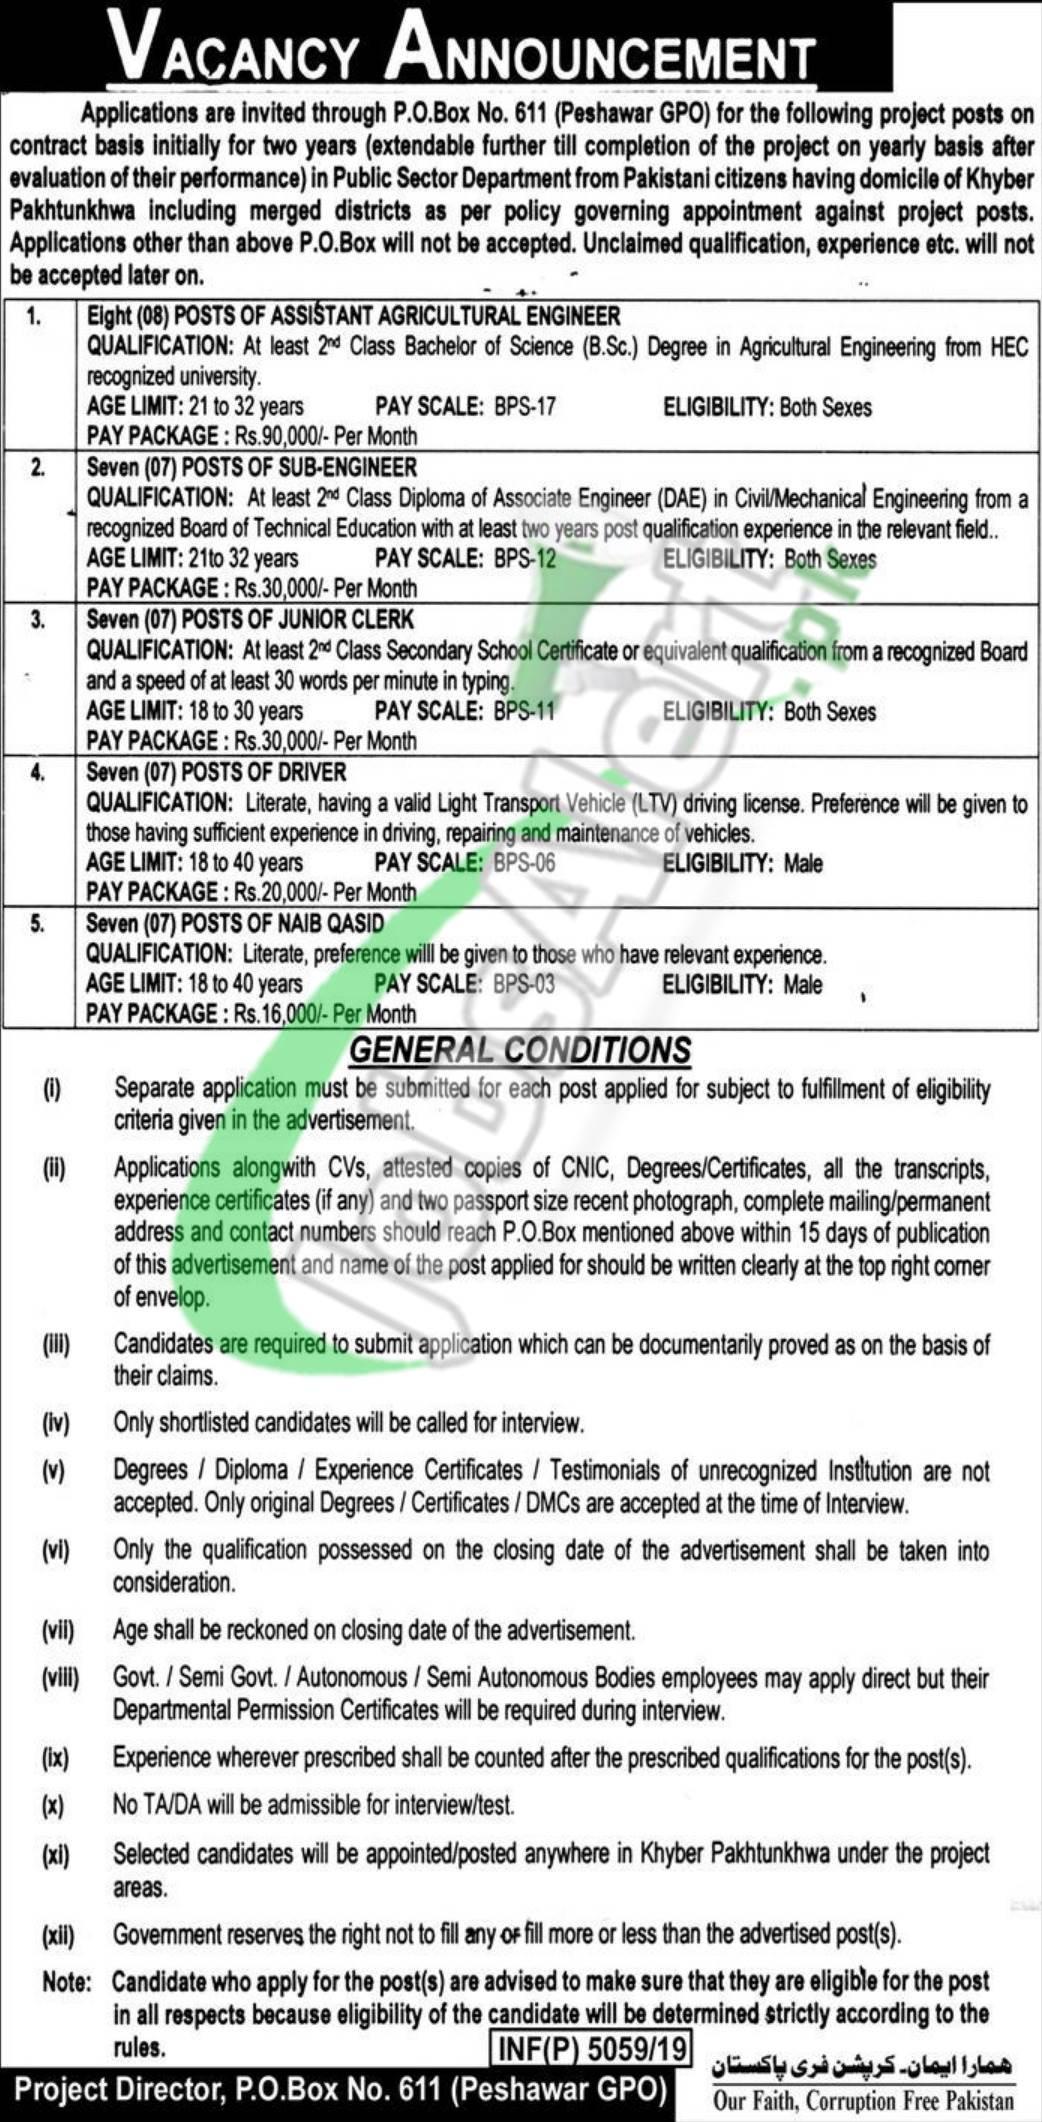 PO Box 611 GPO 2019 Peshawar KPK